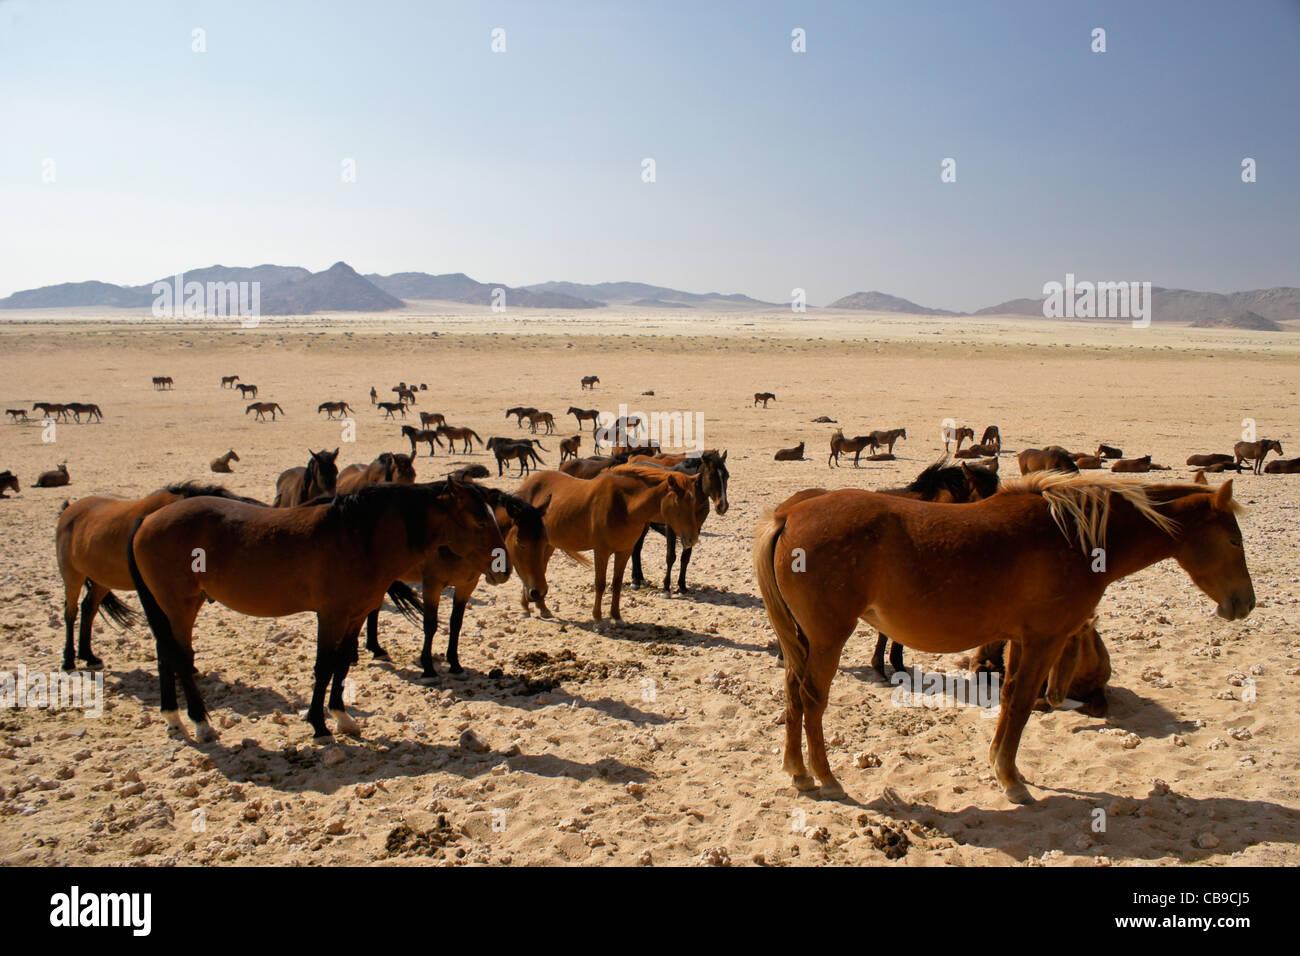 Garub Namib feral horses near Aus, Namibia - Stock Image